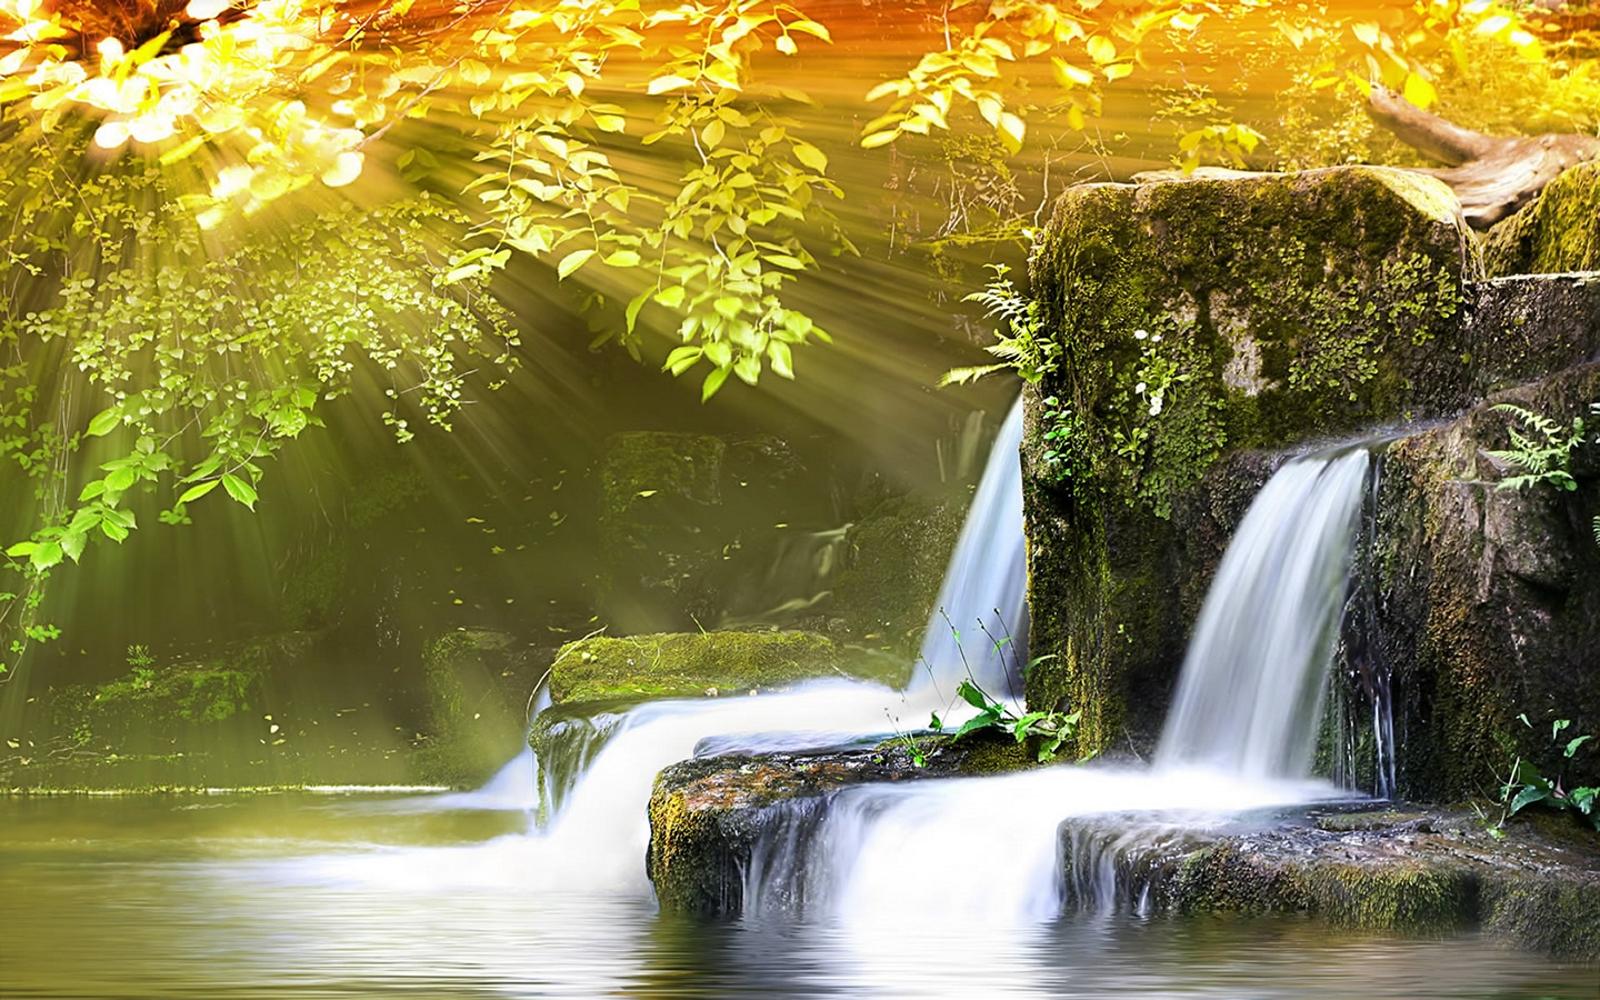 بالصور صور رائعة من الطبيعة, صور جنان من الطبيعية الخلابة 4688 1